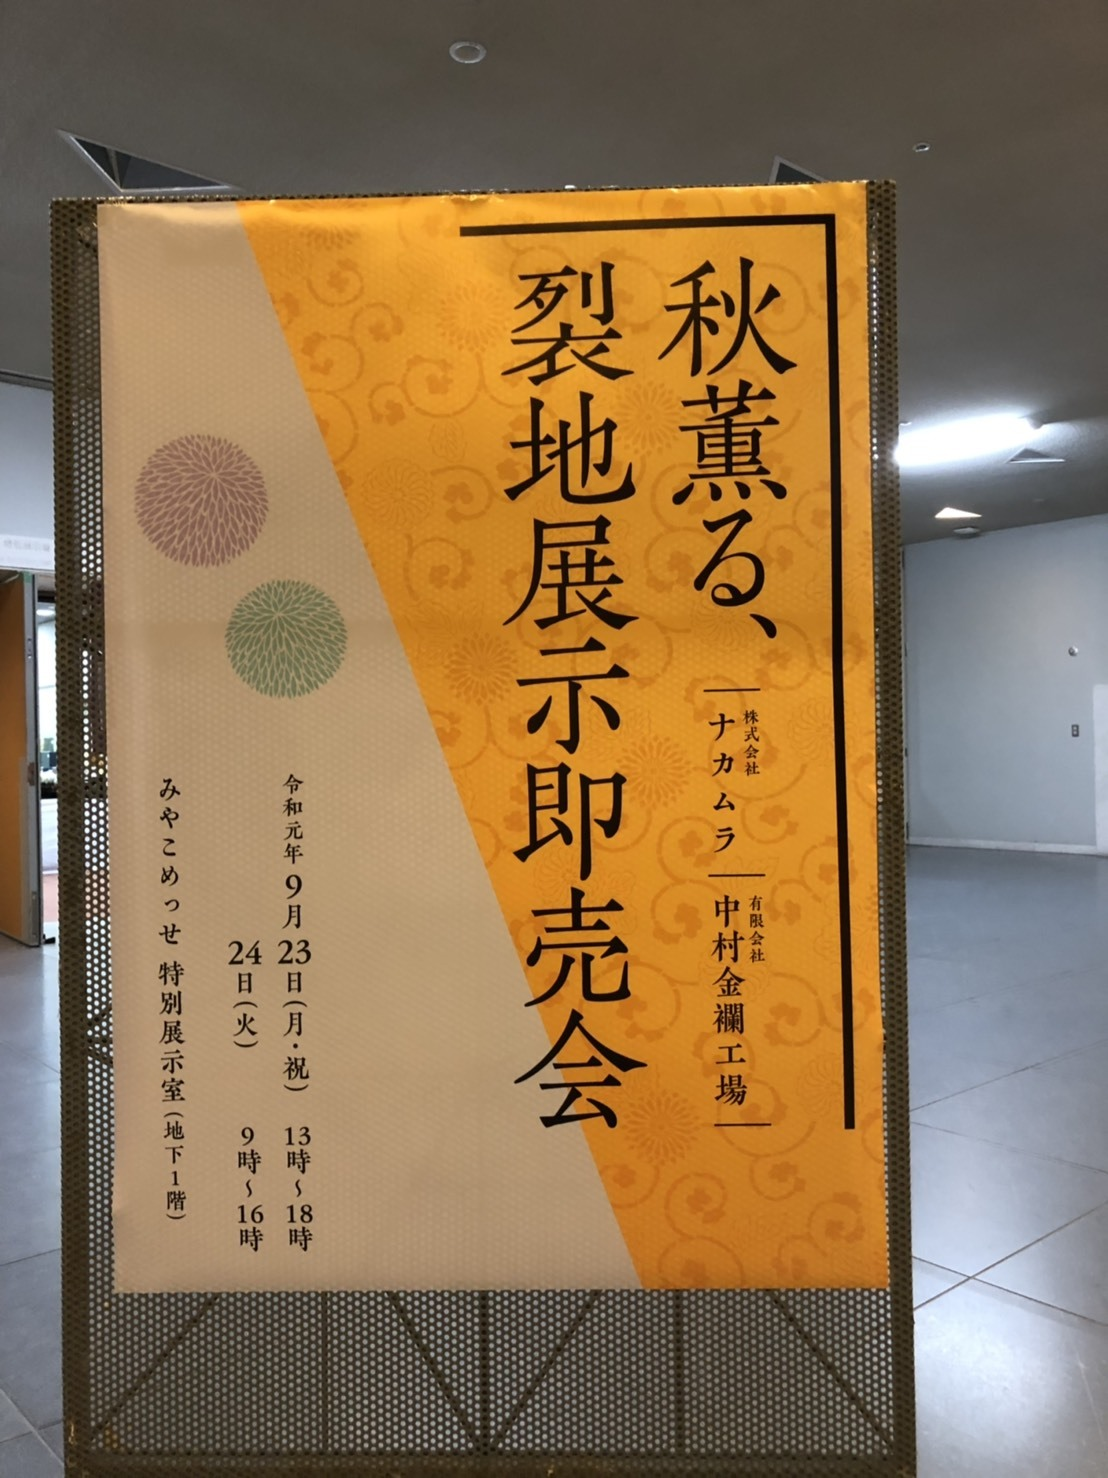 展示会 会場入口 20191012162700